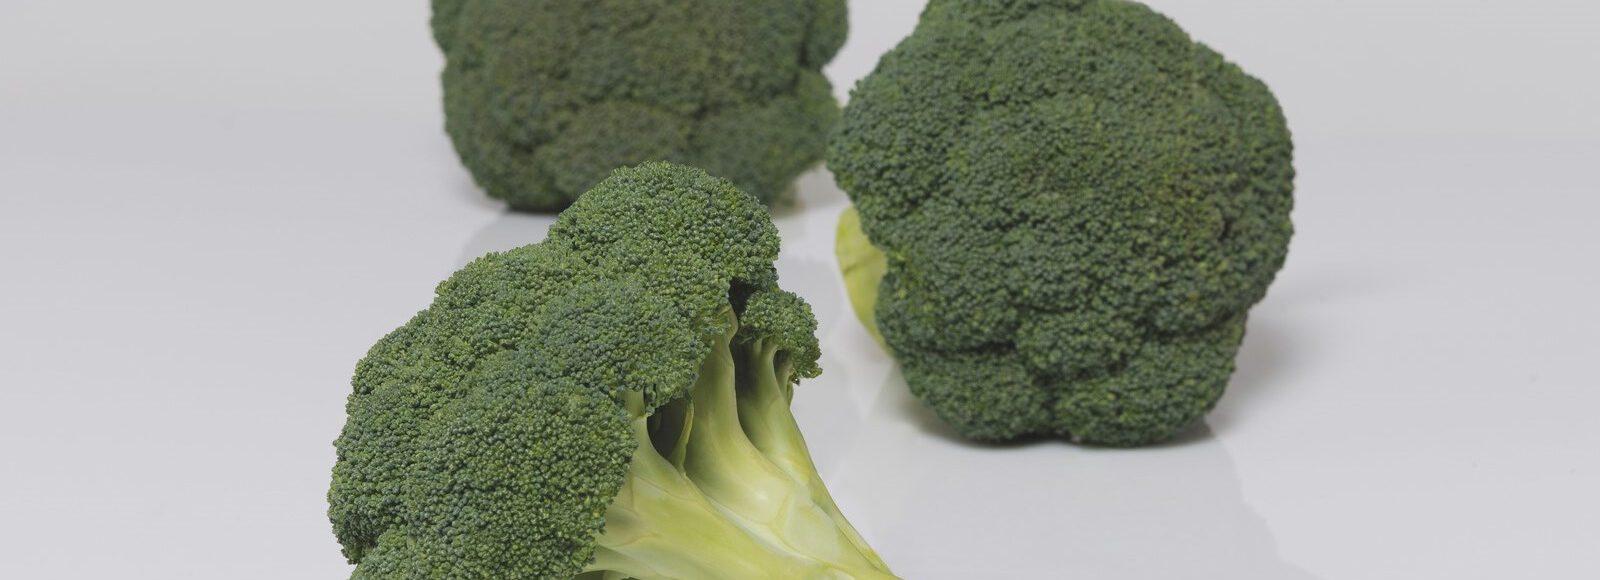 De 'gezonde apotheek' – Op zoek naar de waarde(n) van groente en fruit